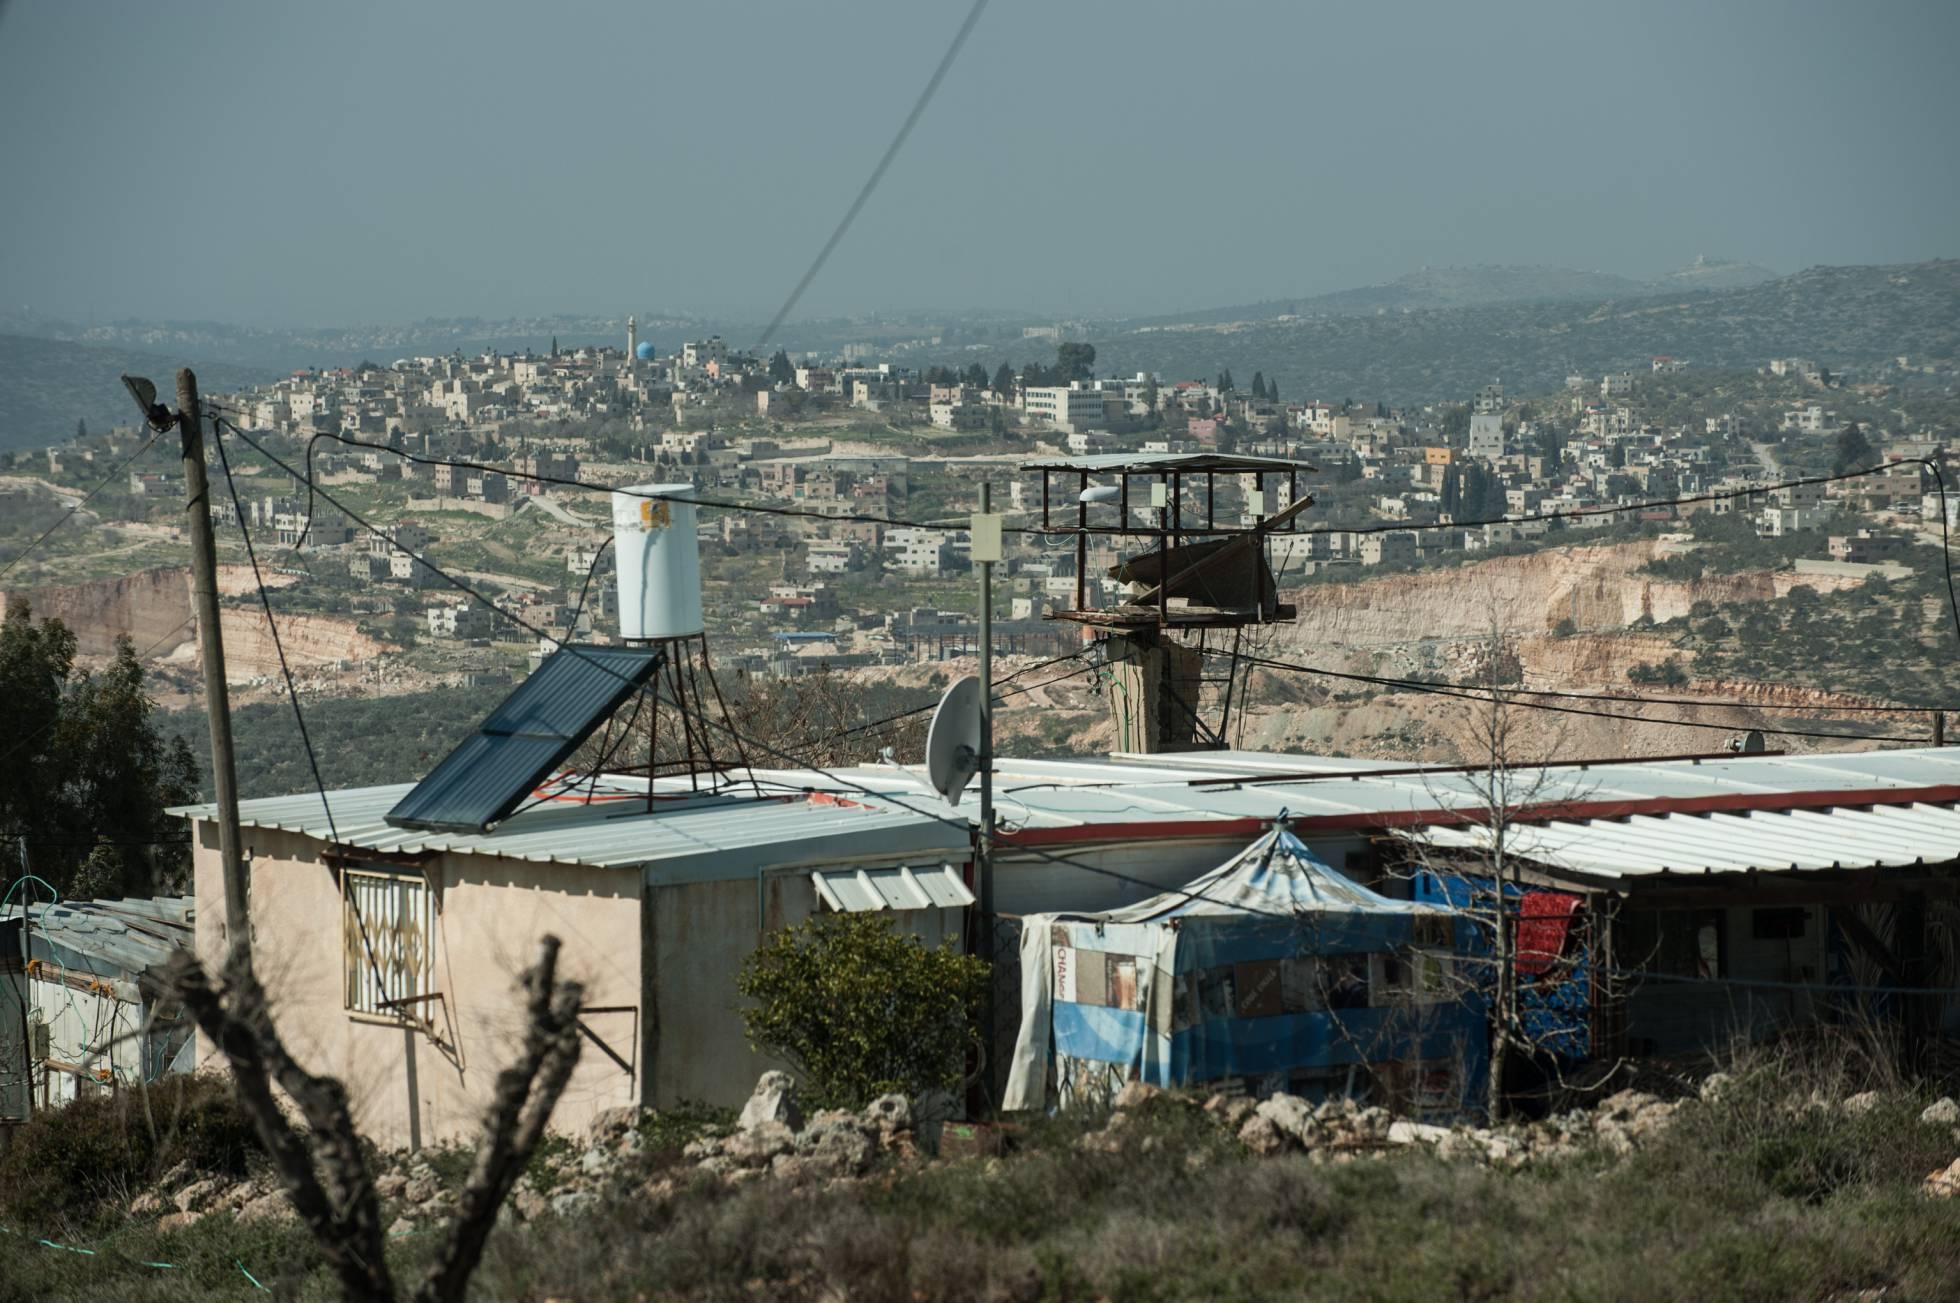 Conflicto Israel-Palestina - Página 29 1486841840_613597_1486847275_sumario_normal_recorte1